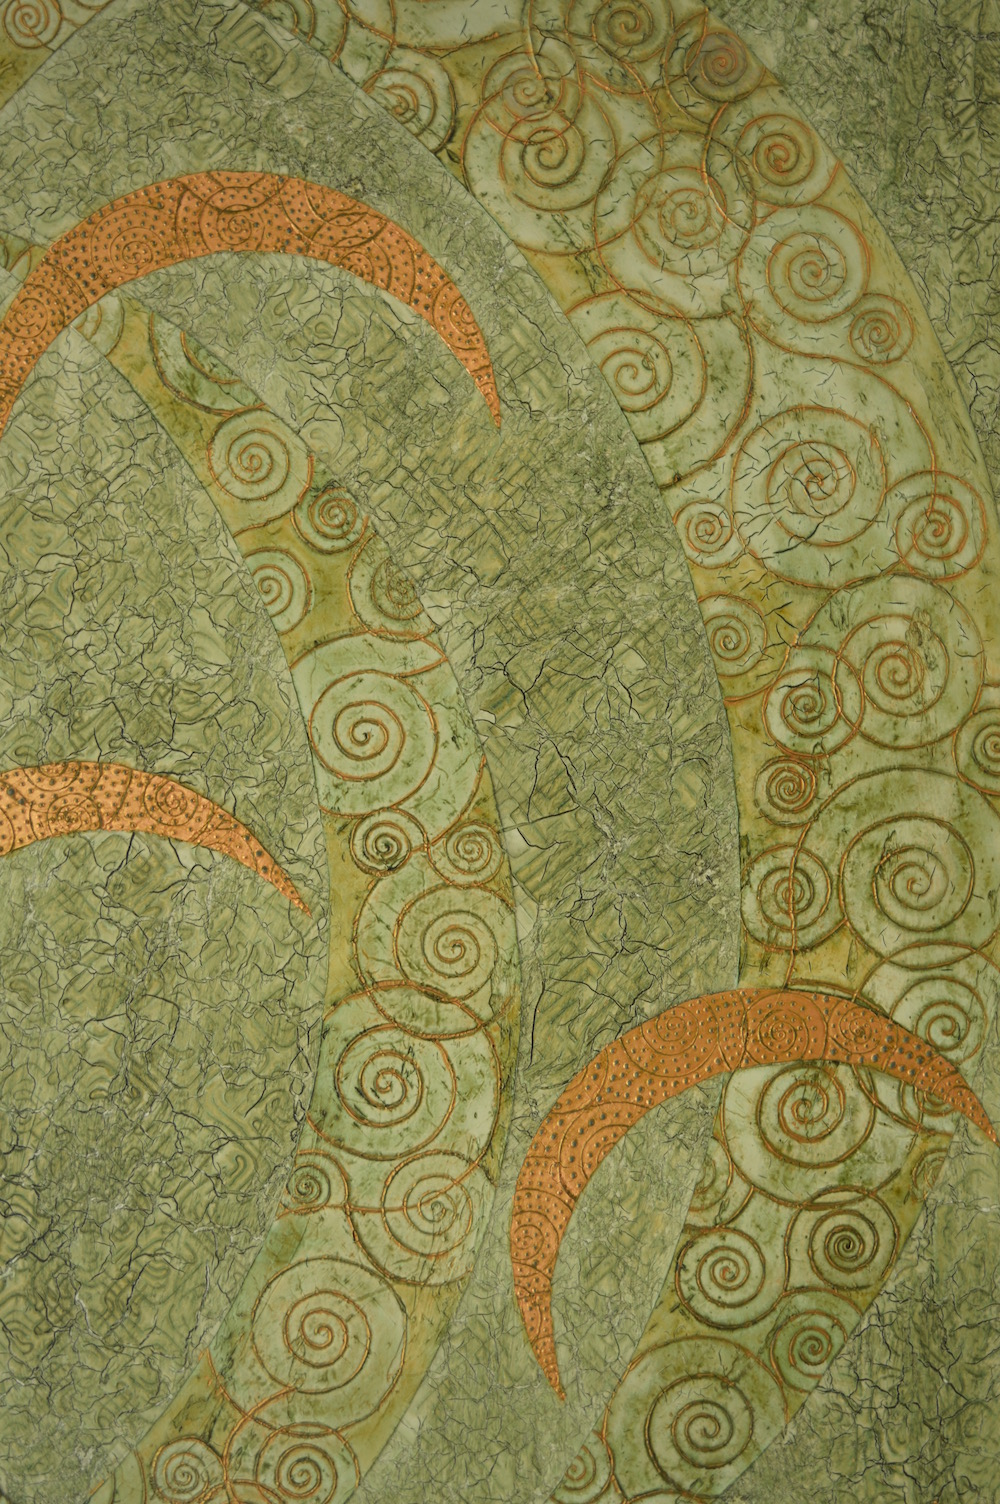 Koa Hāpu'u Ulu lā 'au (forest) Detail